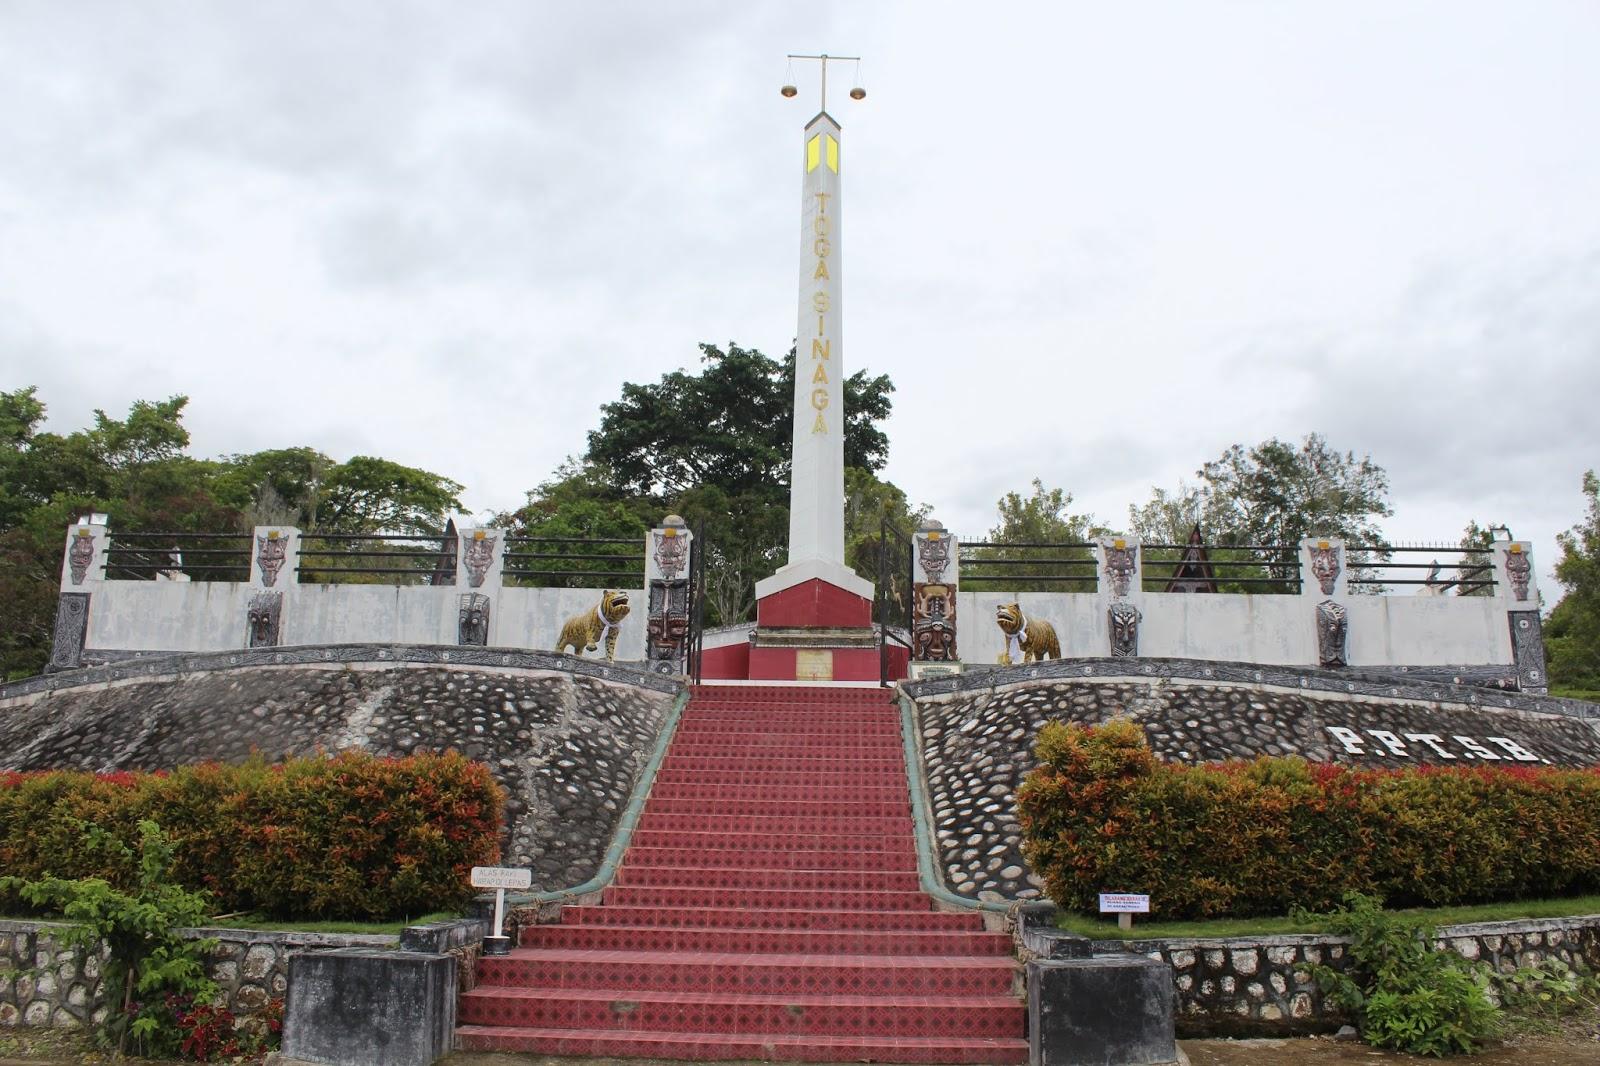 Komplek Tugu Toga Sinaga, Desa Urat II, Kecamatan Palipi, Kabupaten Samosir, Provinsi Sumatera Utara